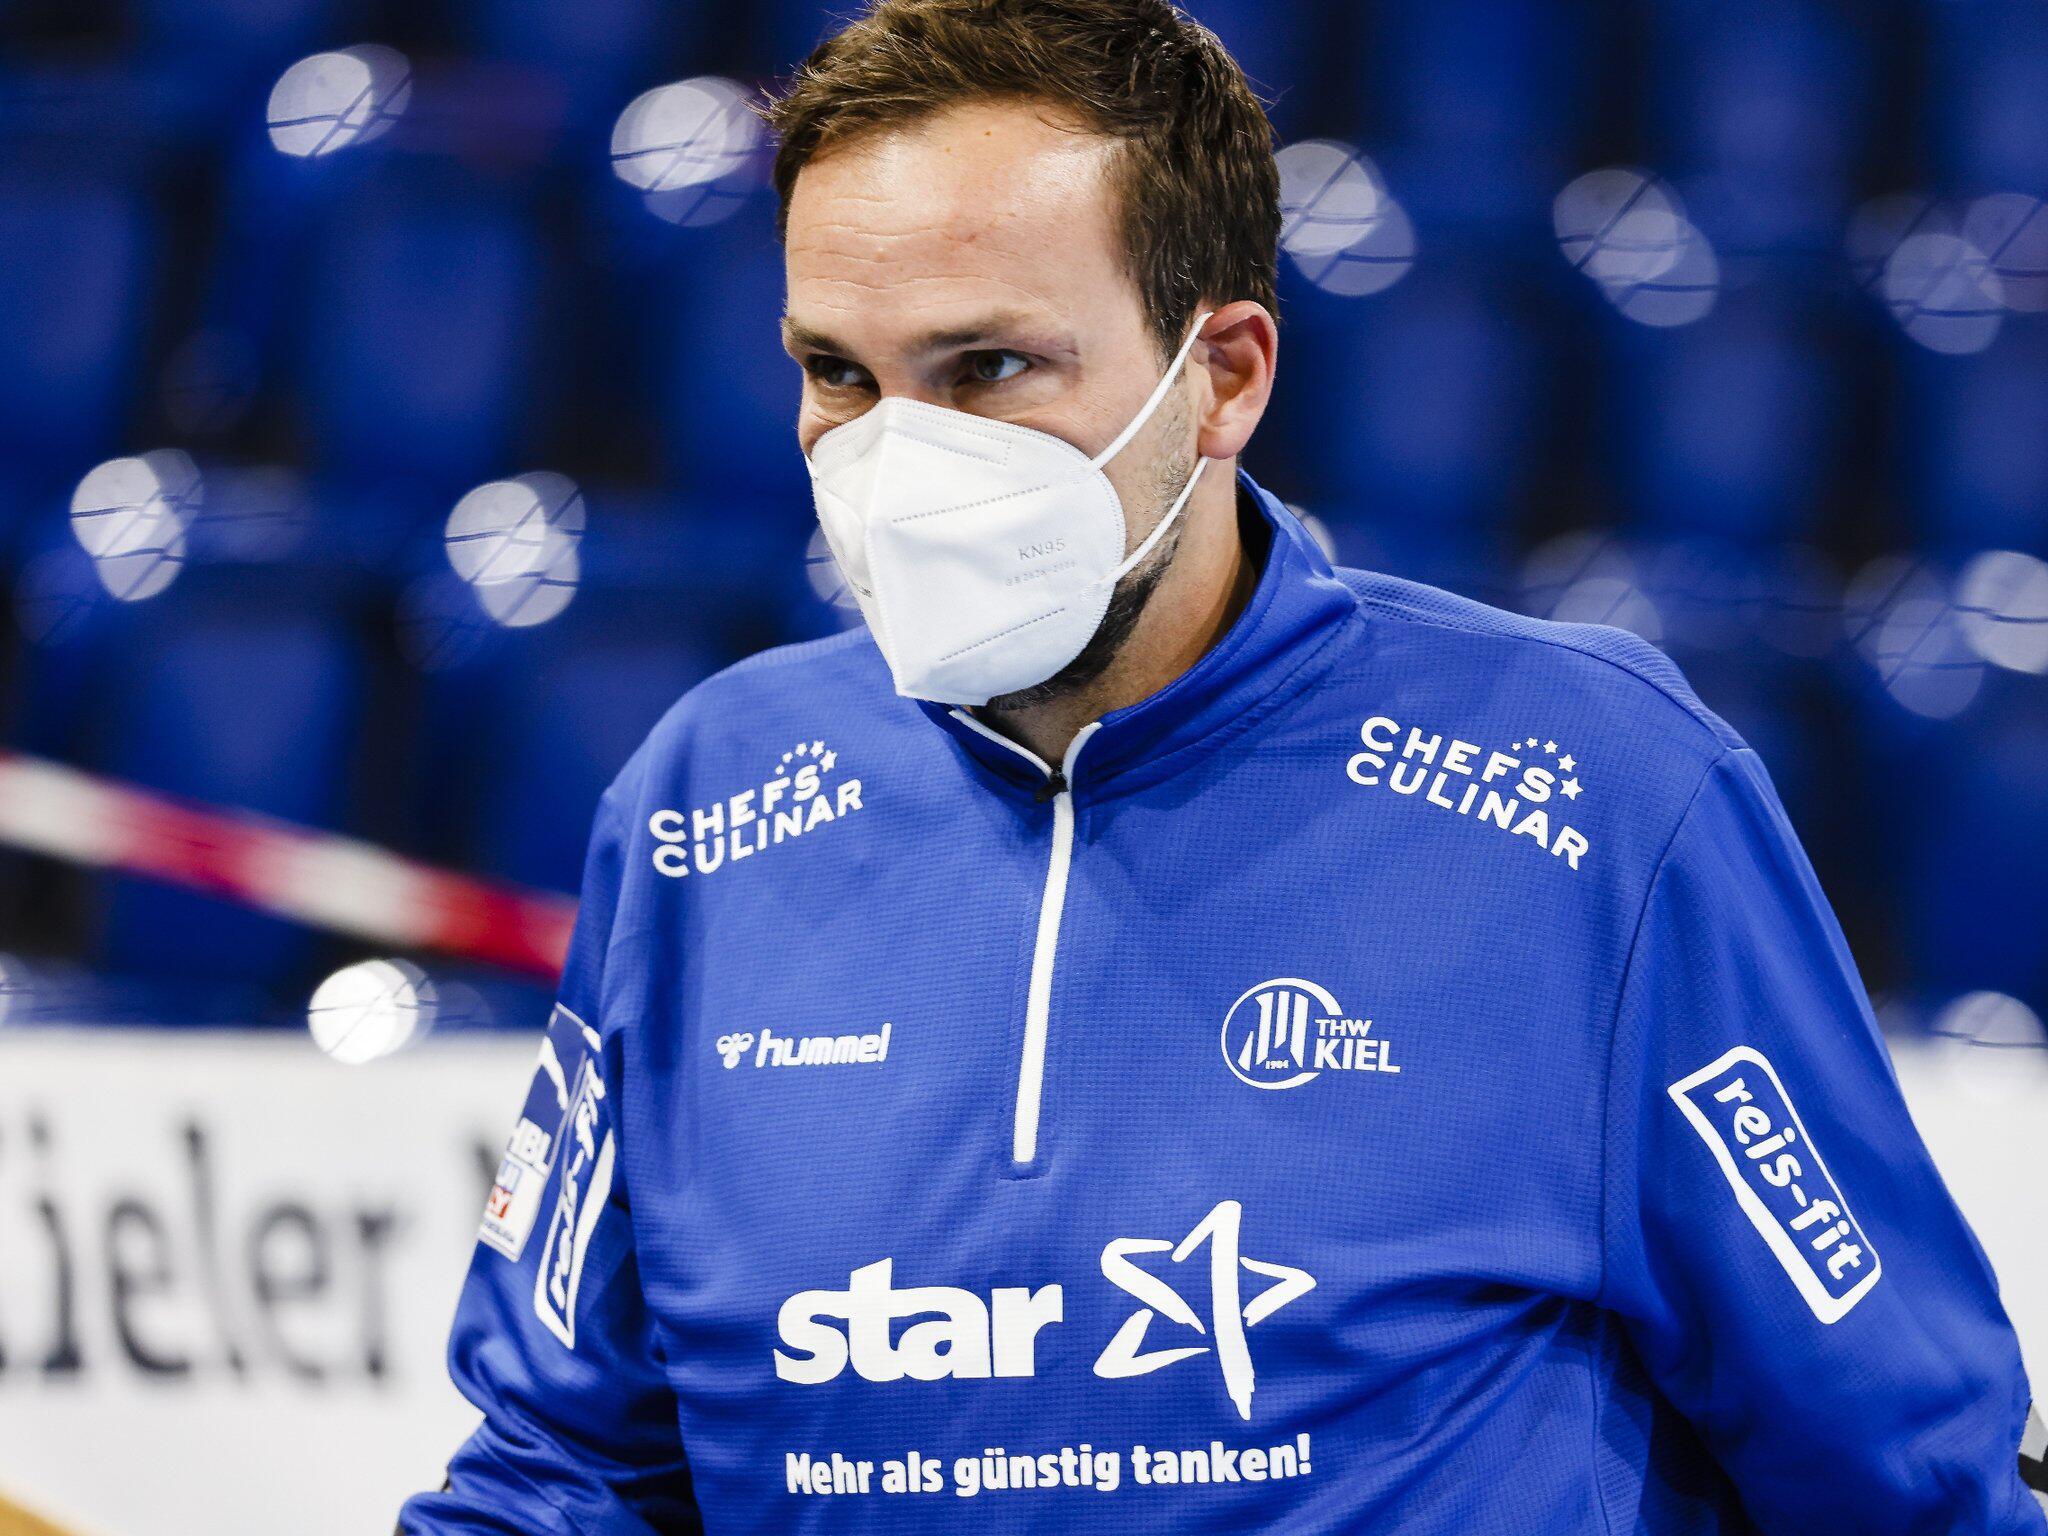 THW Kiel: át kellene gondolni a német válogatott részvételét a világbajnokságon